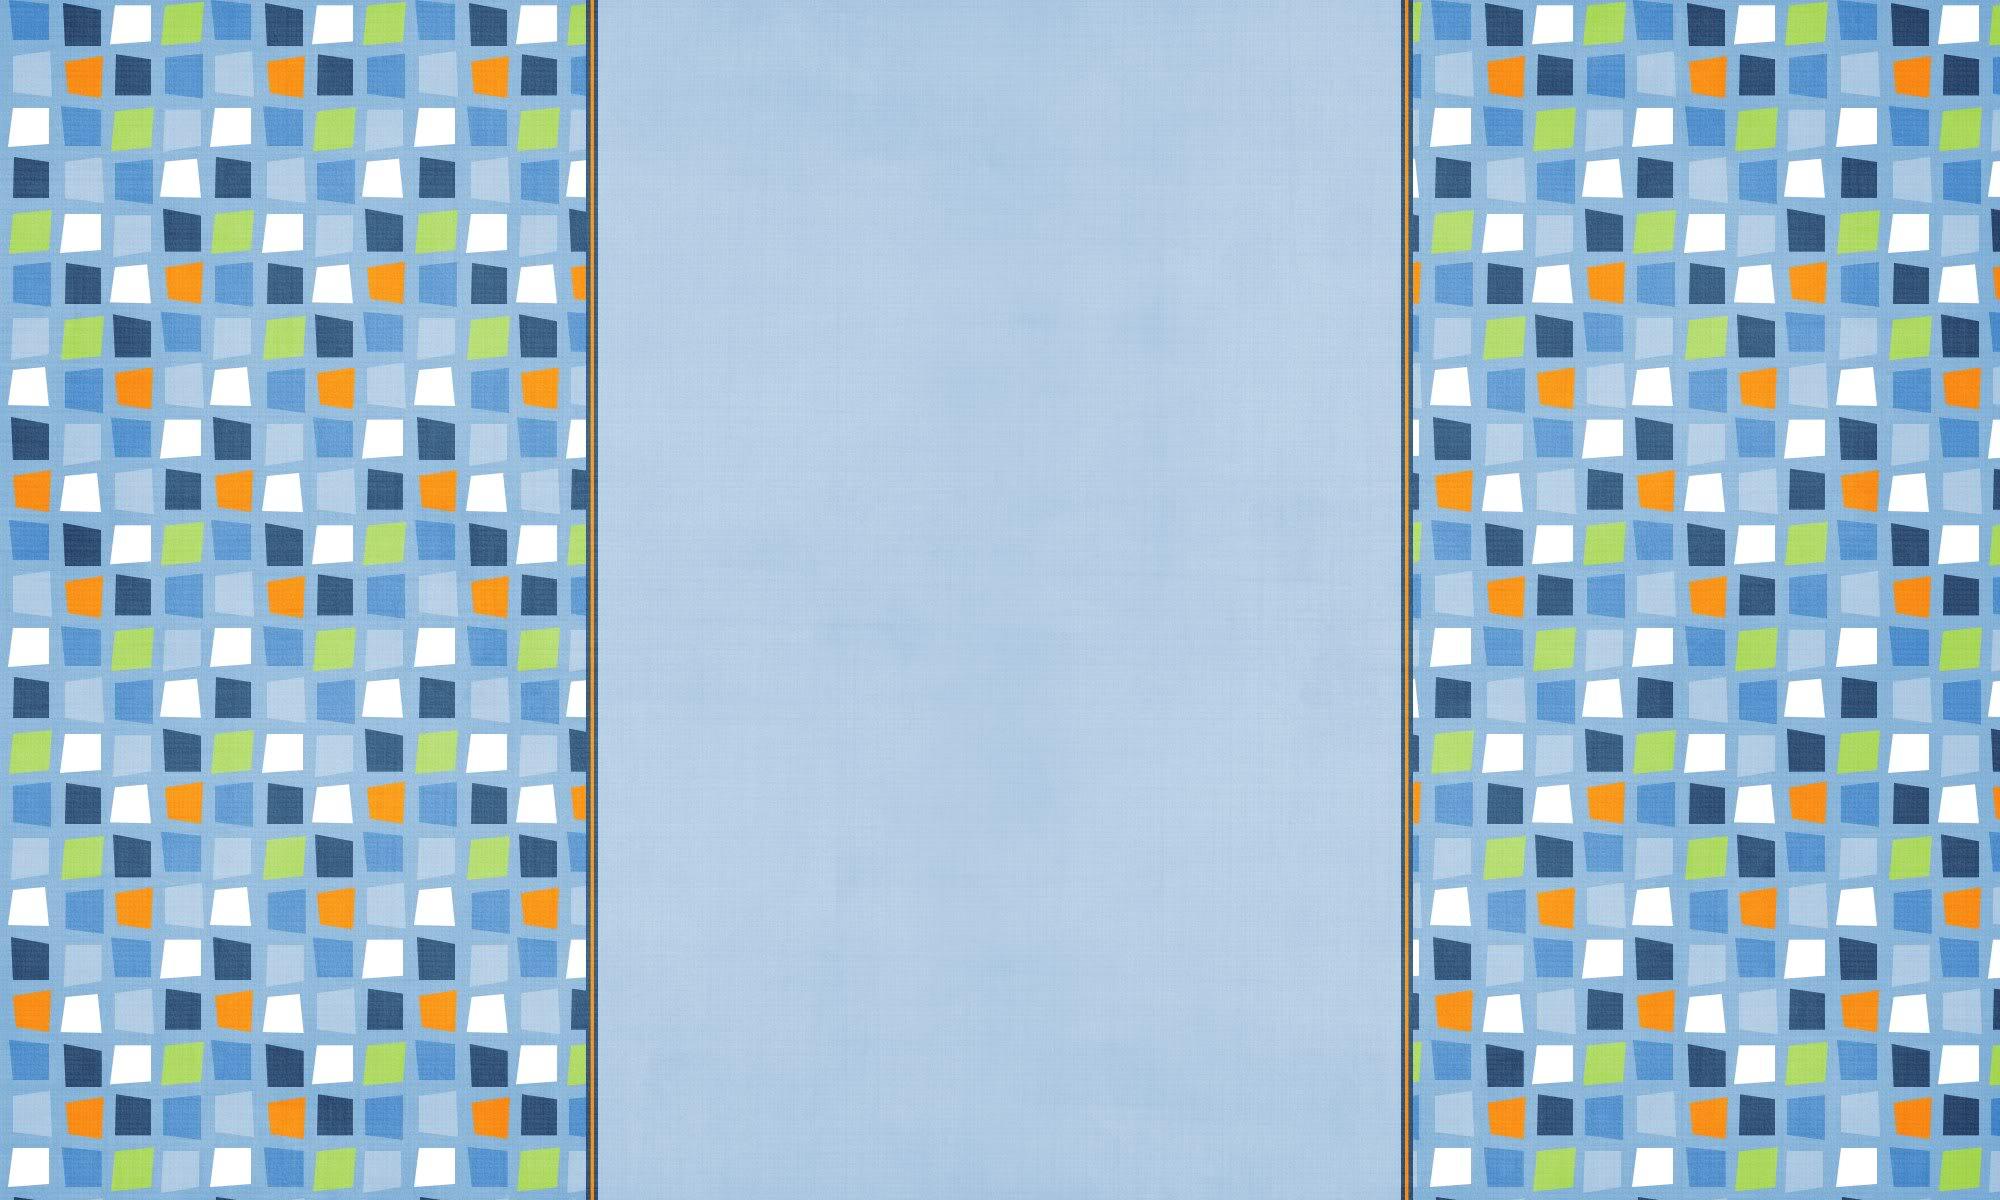 blue game boy wallpaper - photo #41